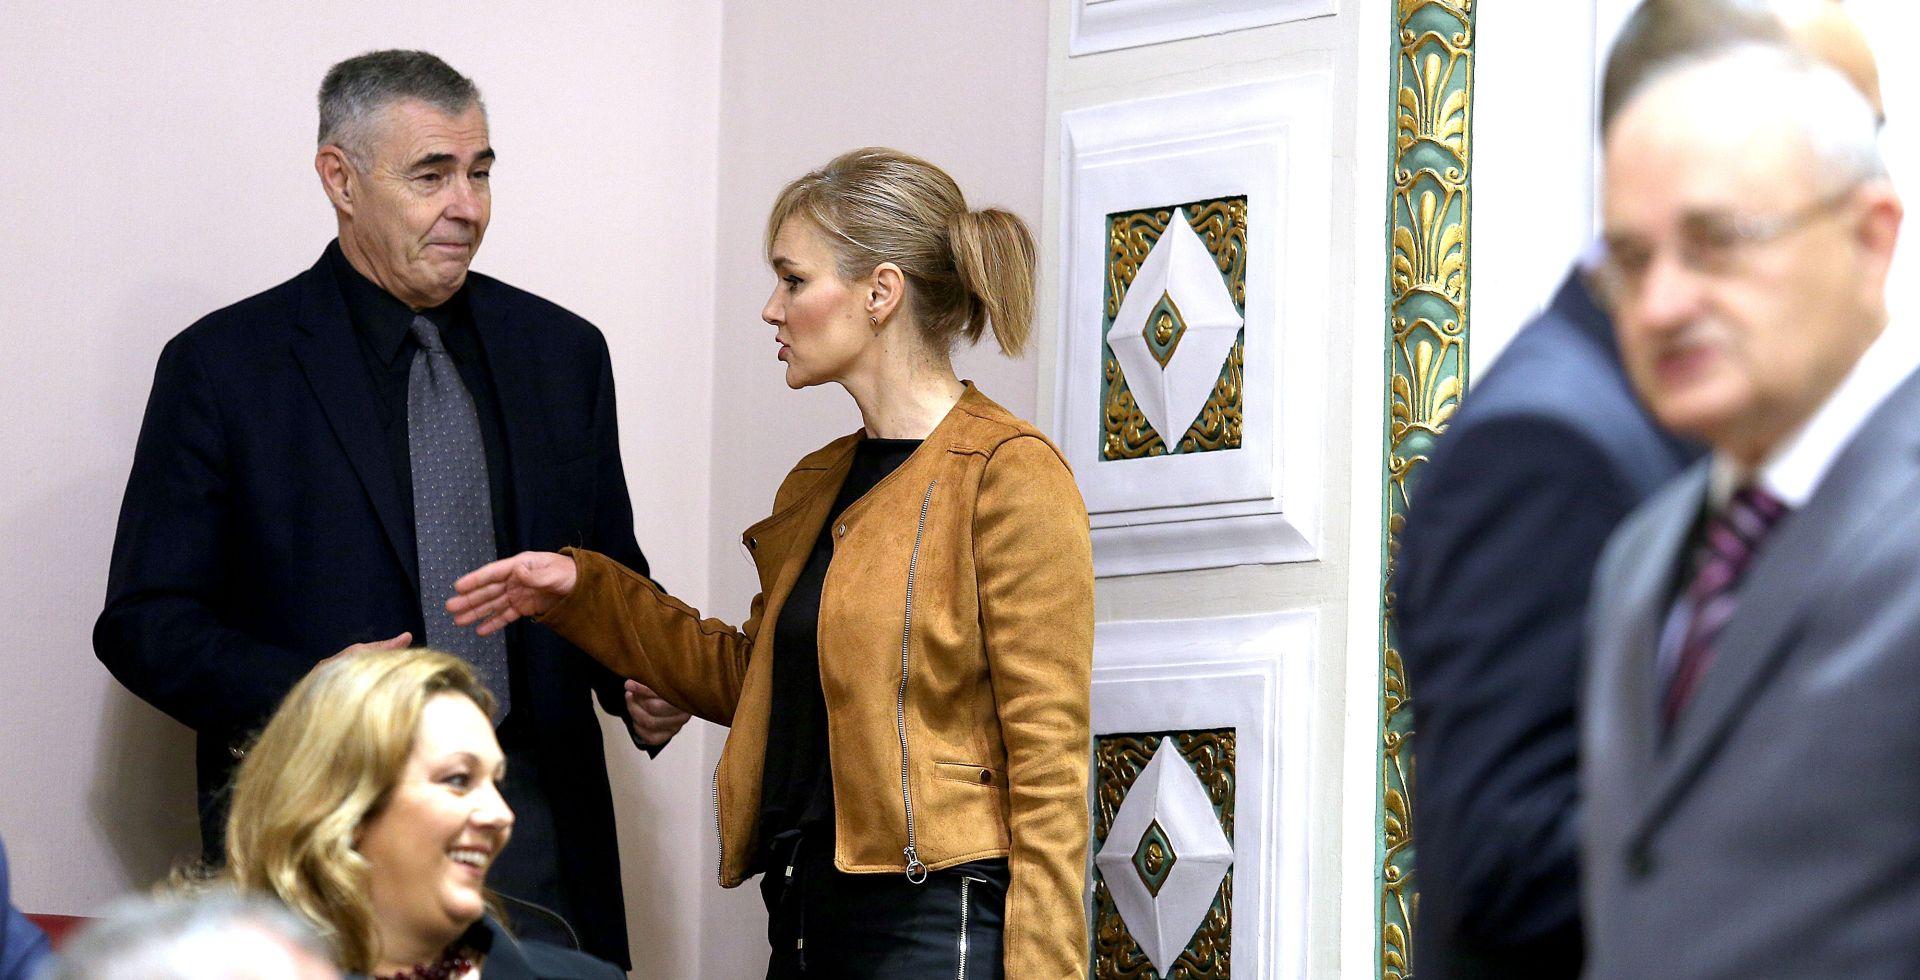 ESIH I GLASNOVIĆ ODBILI PREMIJERA 'Ovo prikupljanje potpisa bila je samo farsa'